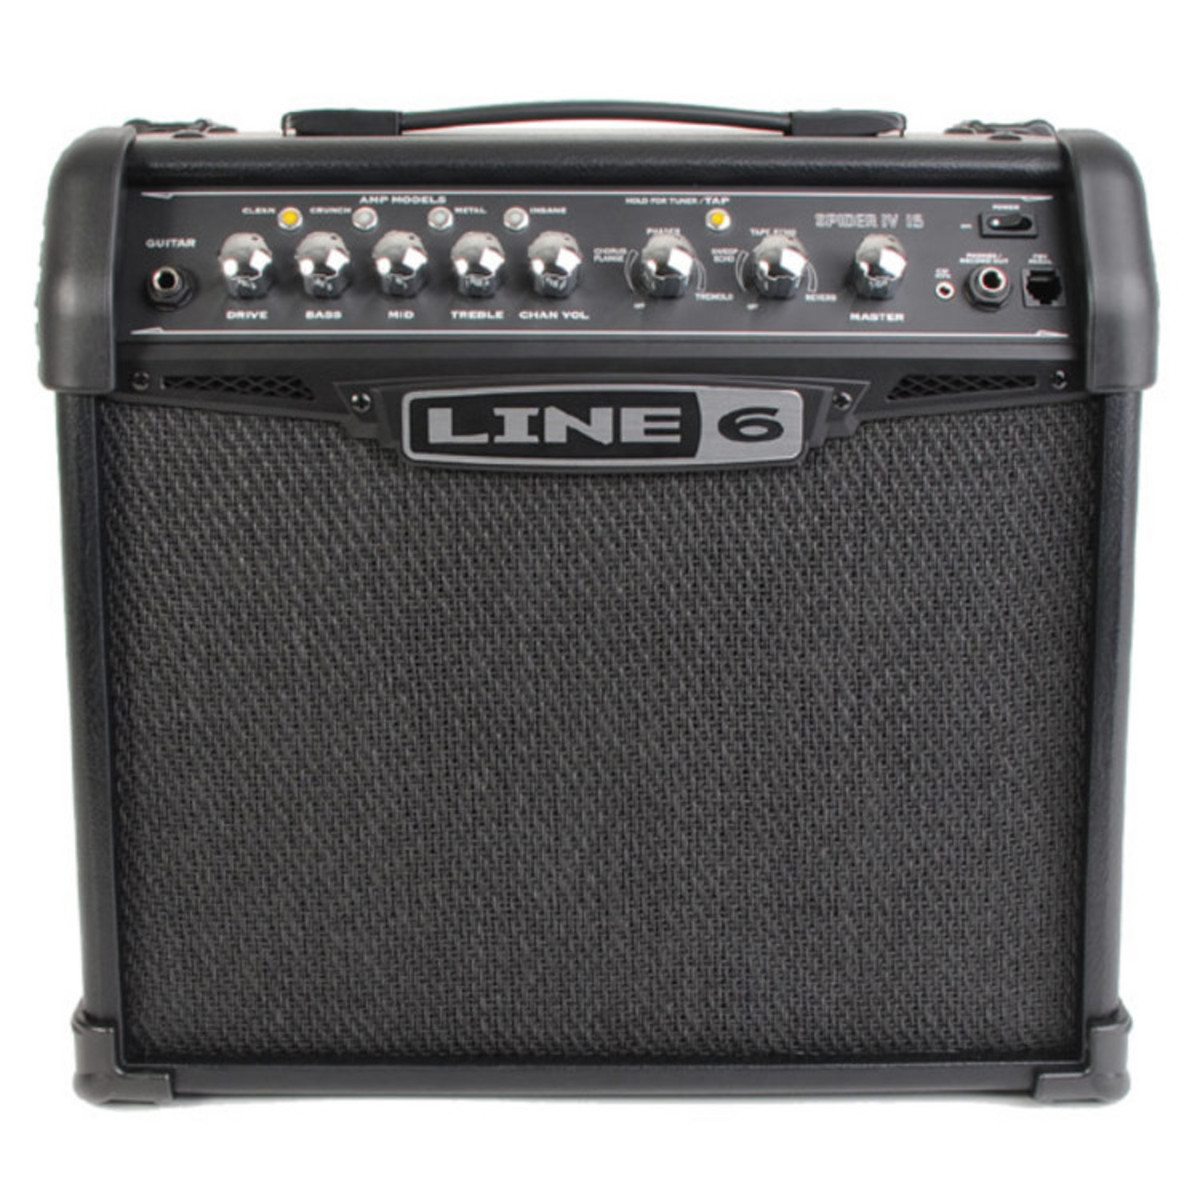 line 6 spider iv 15 guitar combo amp at. Black Bedroom Furniture Sets. Home Design Ideas